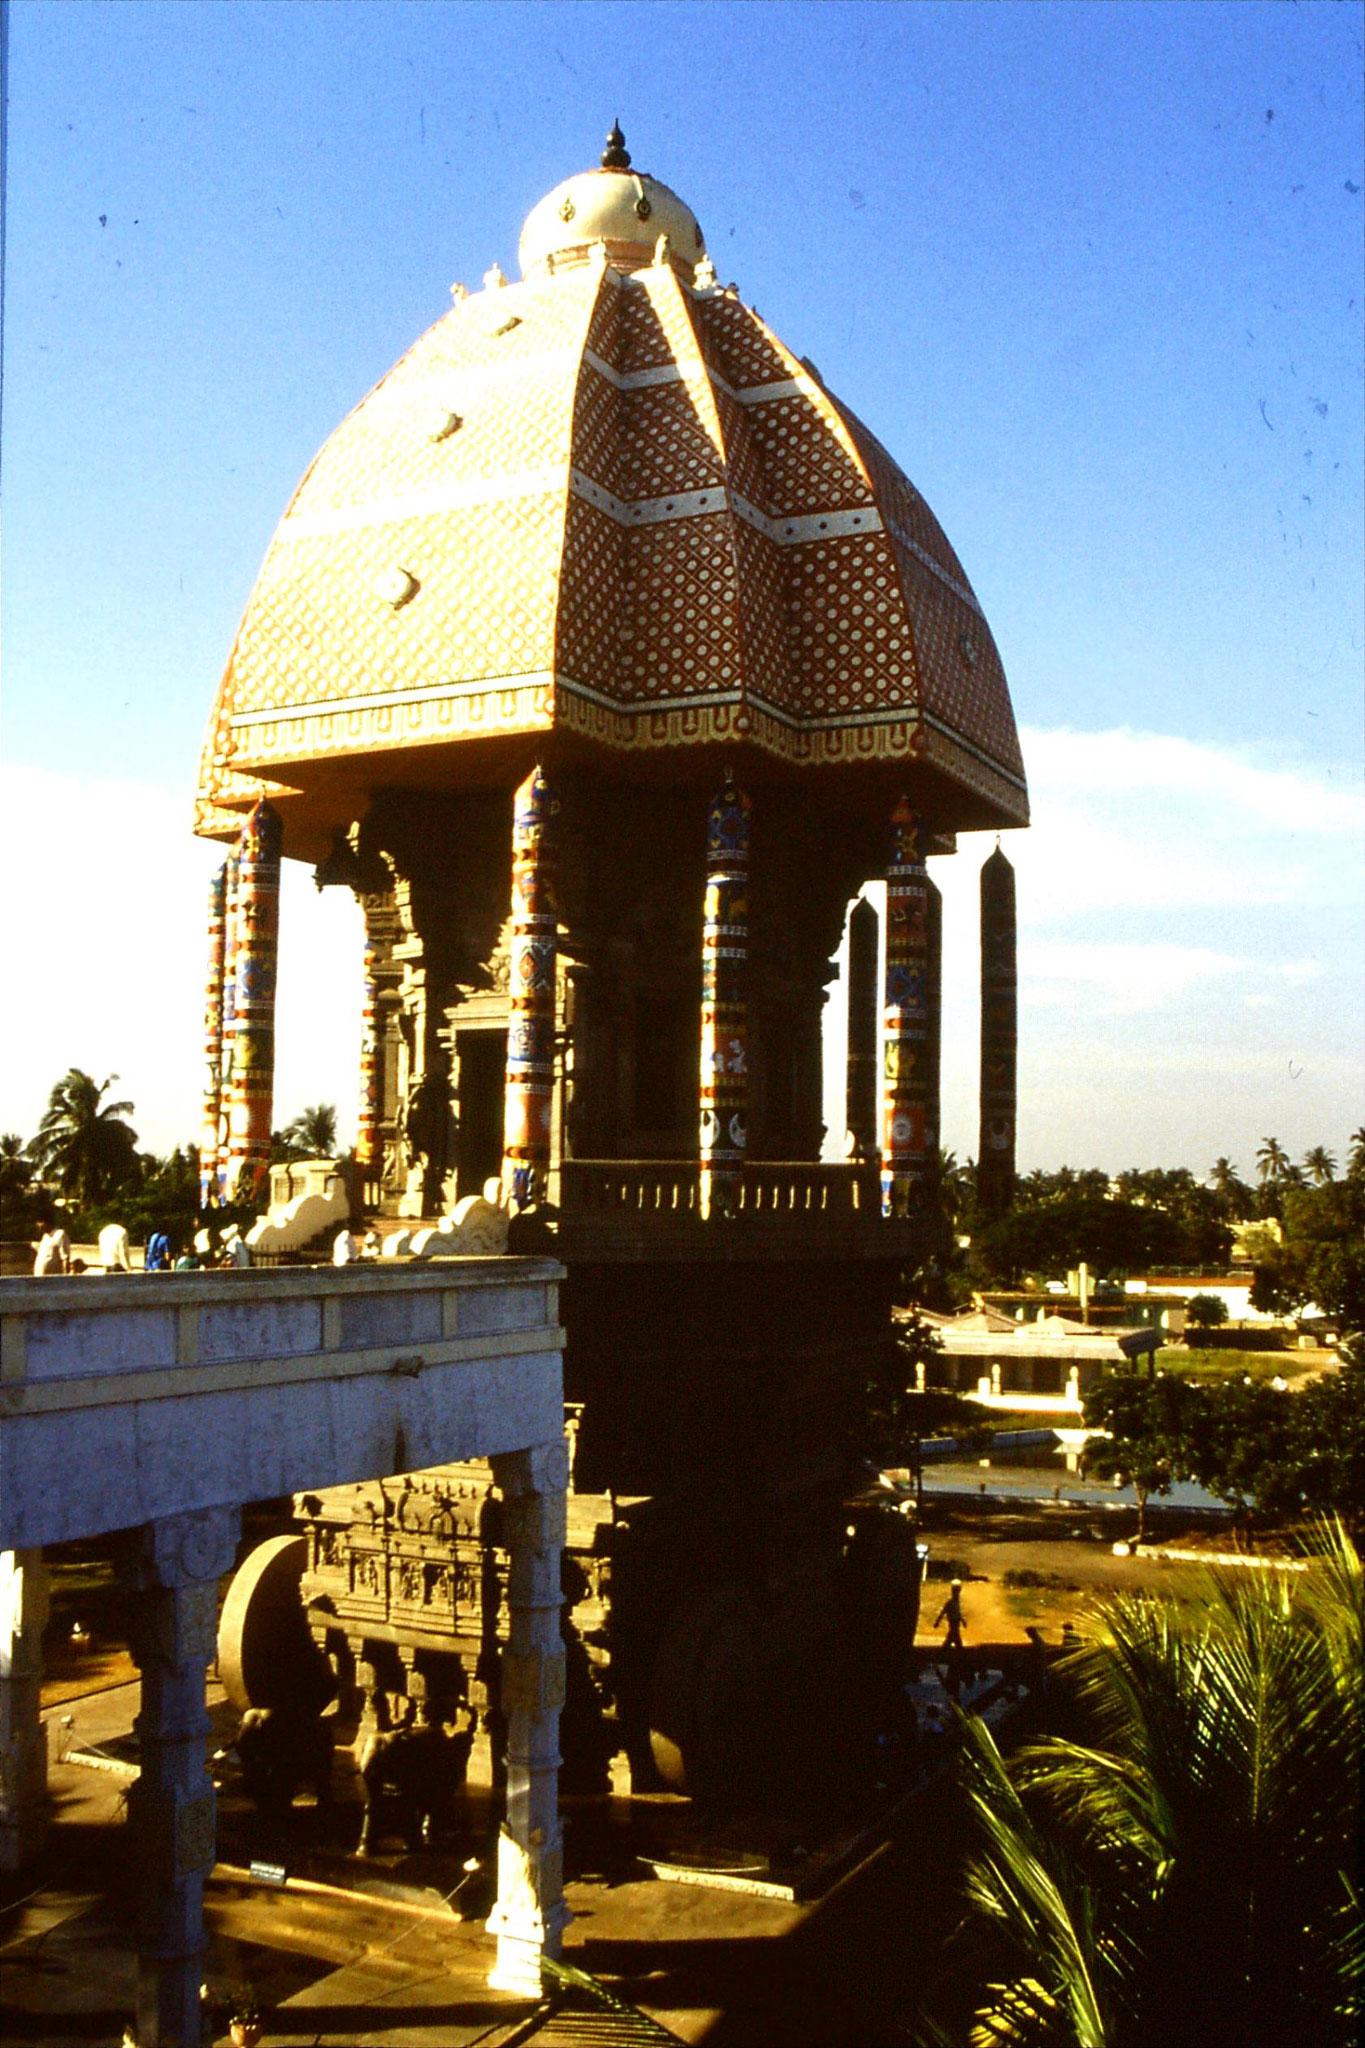 18/1/1990: 9: Madras, memorial to Tamil poet